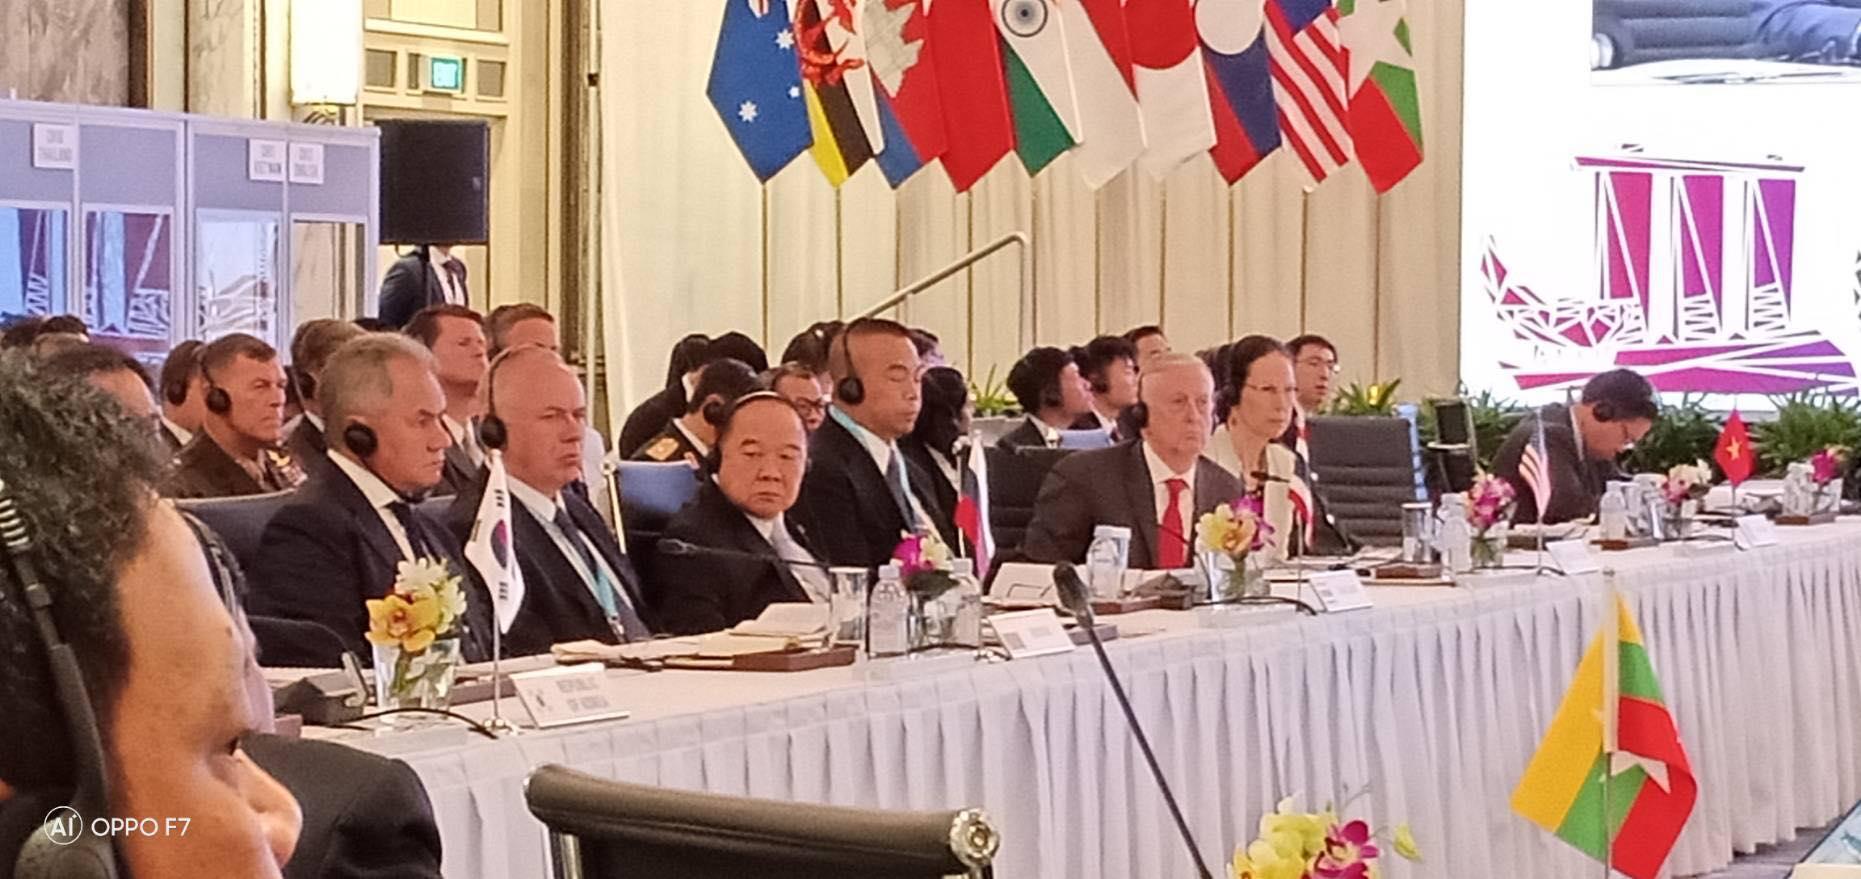 กห.อาเซียน ประชุมร่วมกับ กห.ประเทศคู่เจรจา เห็นพ้องรับรองแถลงการณ์ร่วมกัน ในความร่วมมือด้านการต่อต้านการก่อการร้าย และ ด้านการสร้างความไว้เนื้อเชื่อใจร่วมกัน